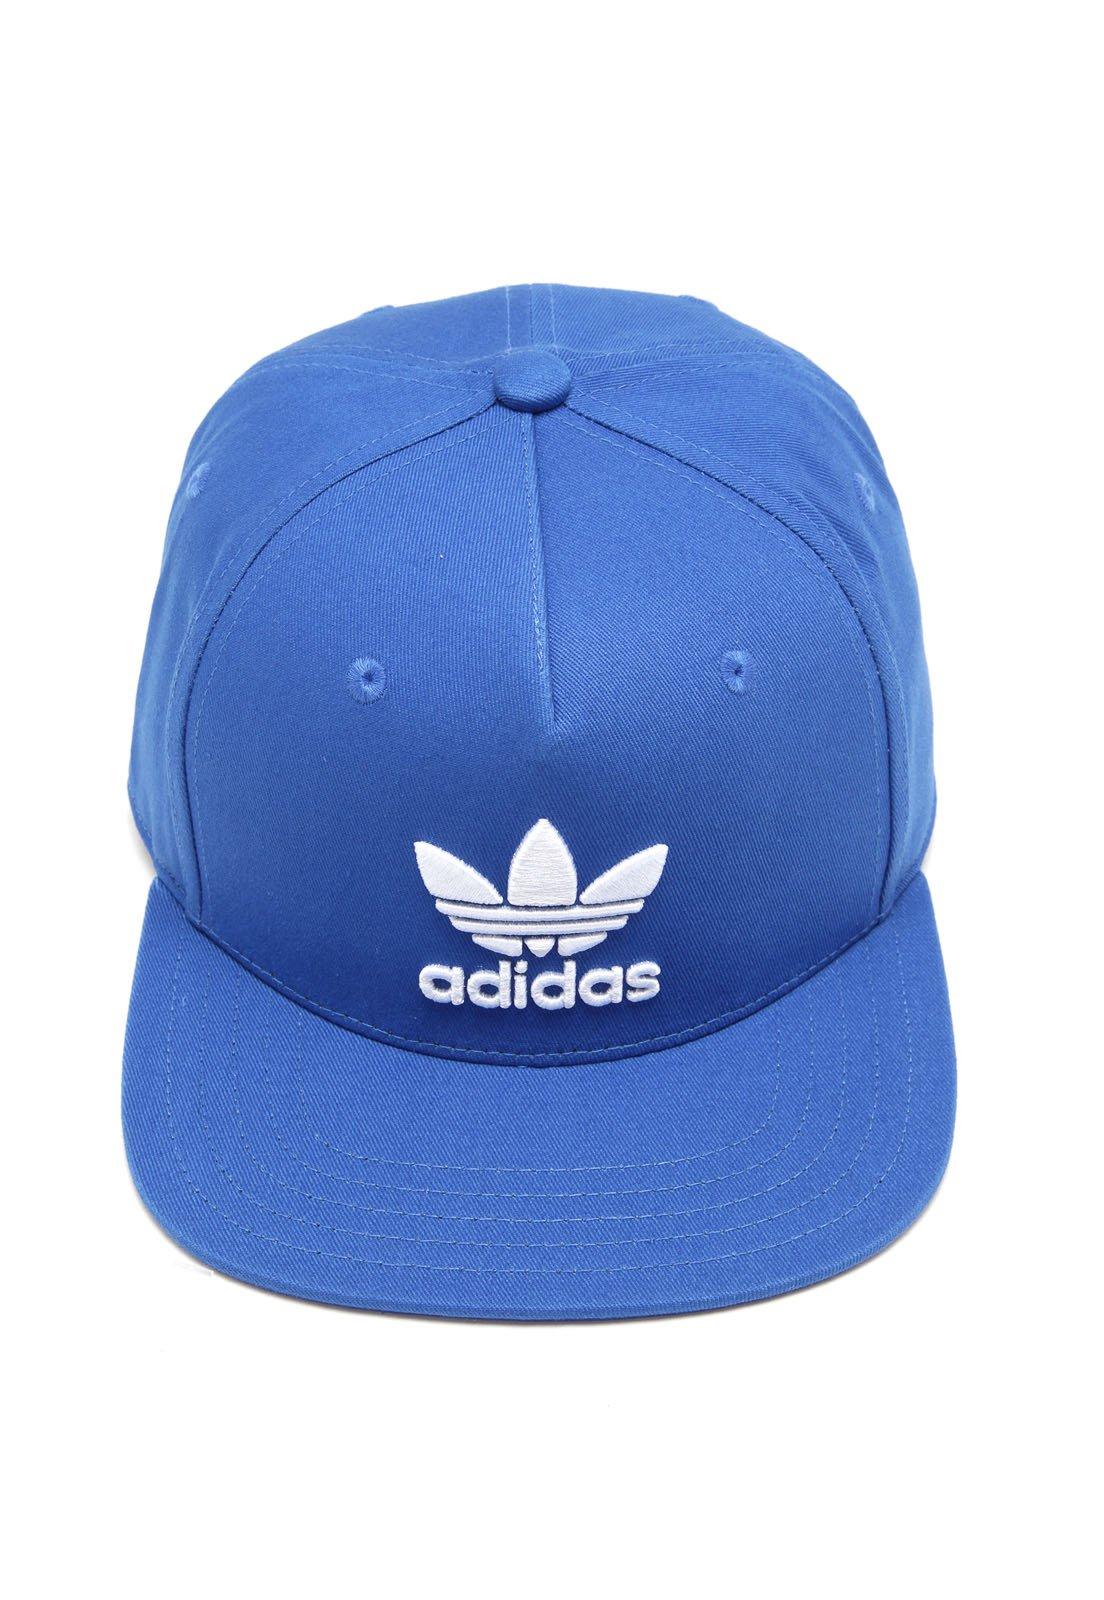 Boné adidas Originals Snapback Trefoil Flat Azul - Compre Agora ... 11a9d161d4e